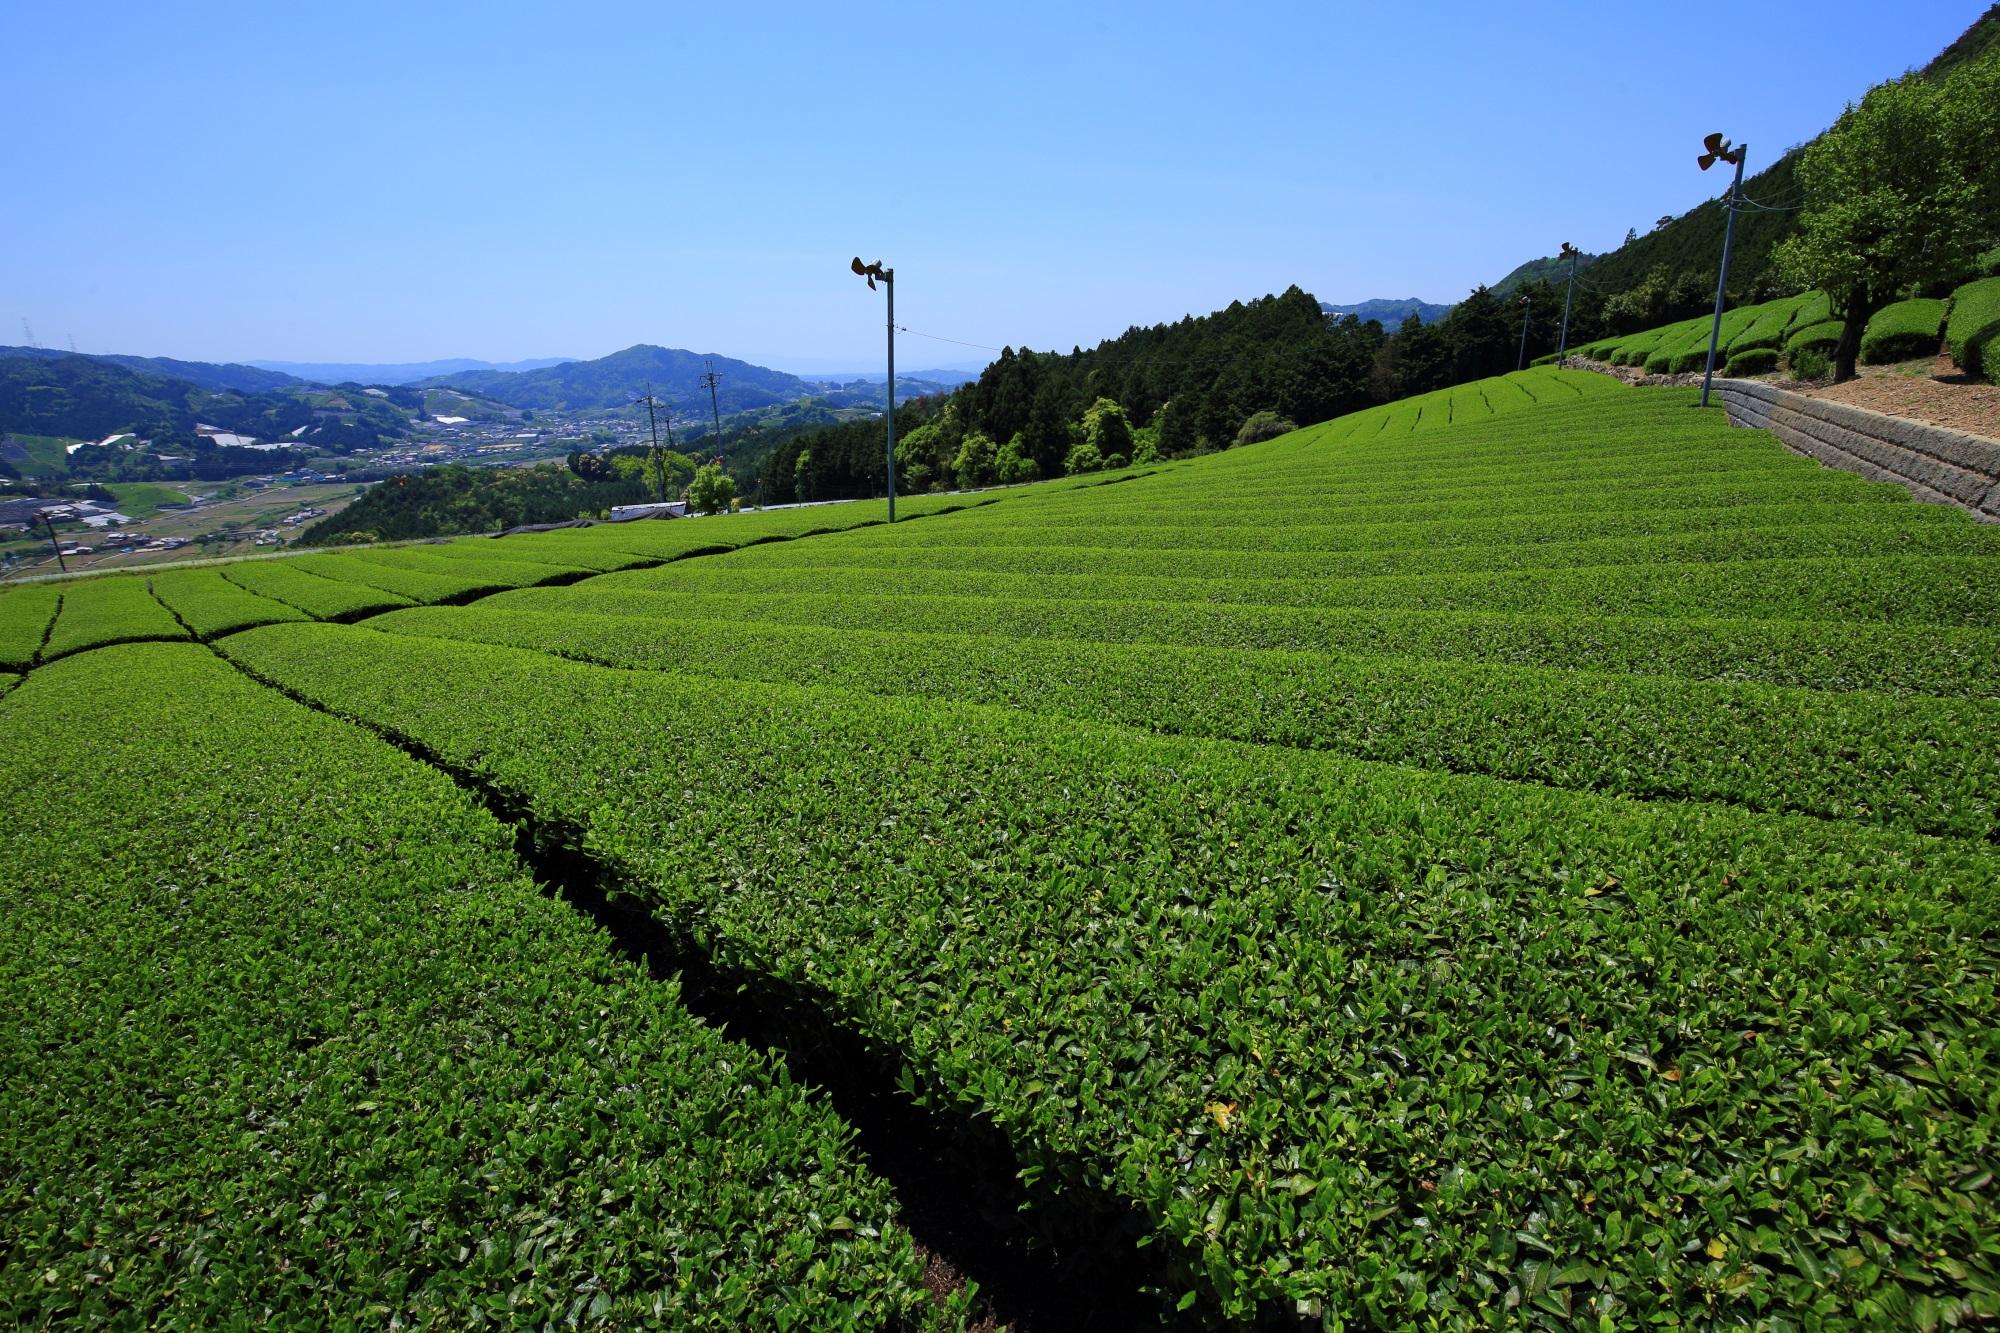 Kyoto Soraku-gun Wazuka-cho tea plantation